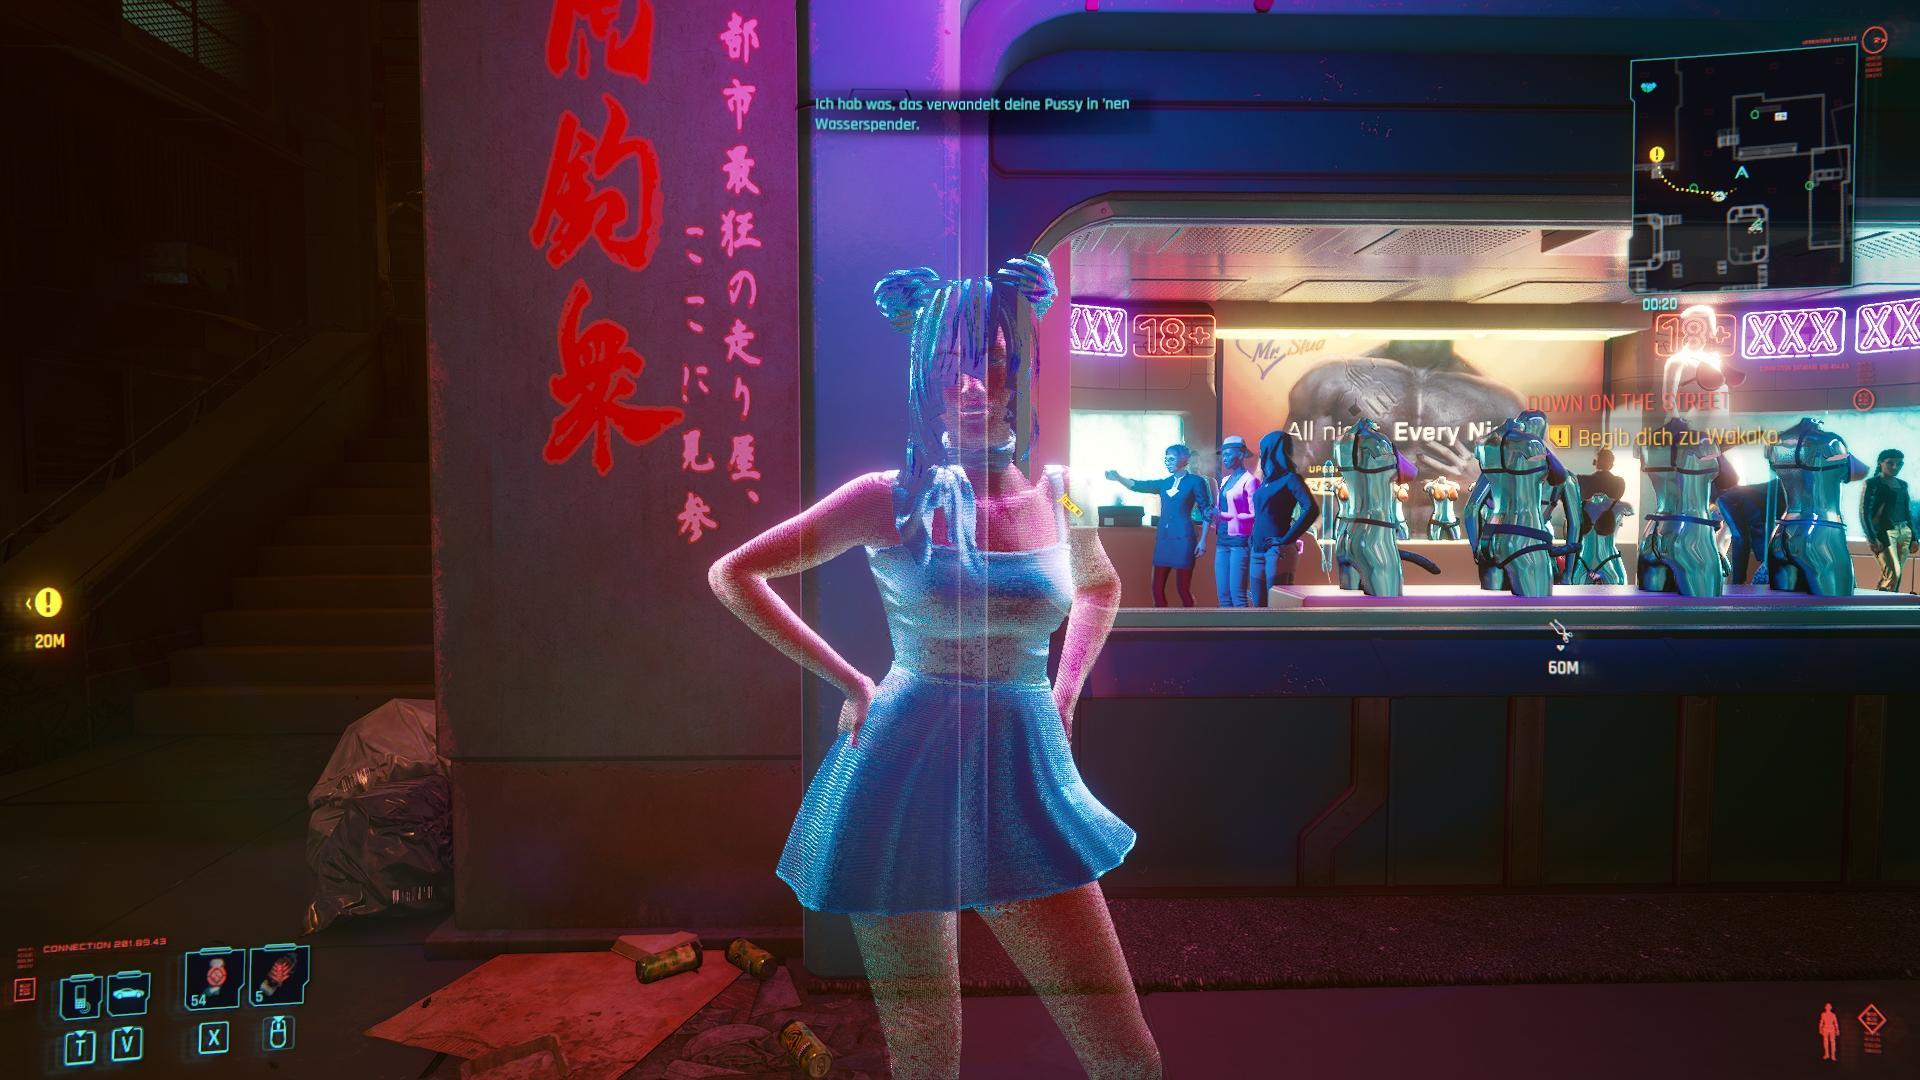 Cyberpunk2077_2020_12_19_03_14_44_799.jpg